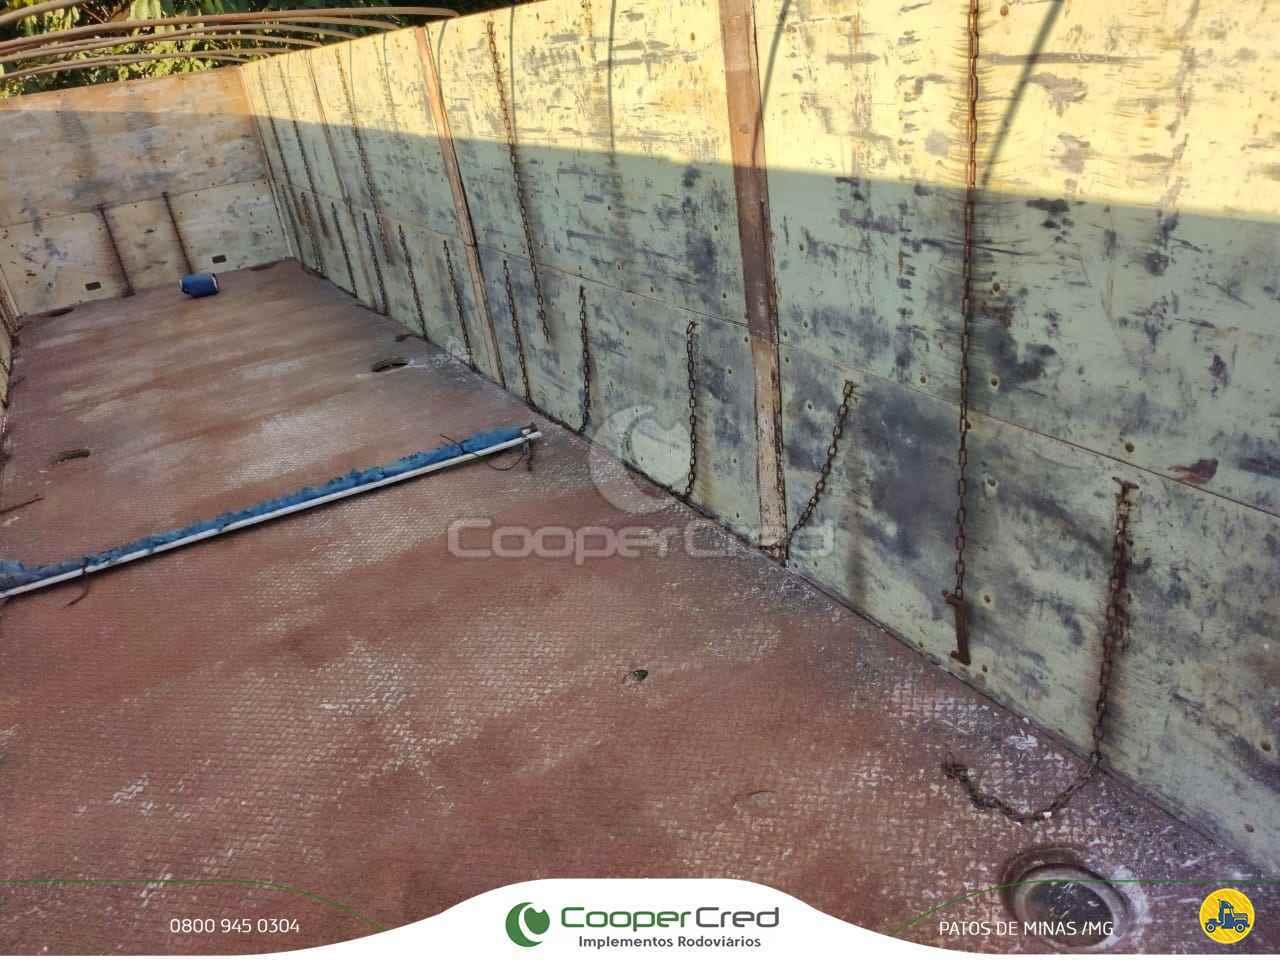 RODOTREM GRANELEIRO  2017/2017 Cooper Cred Implementos Rodoviários MG